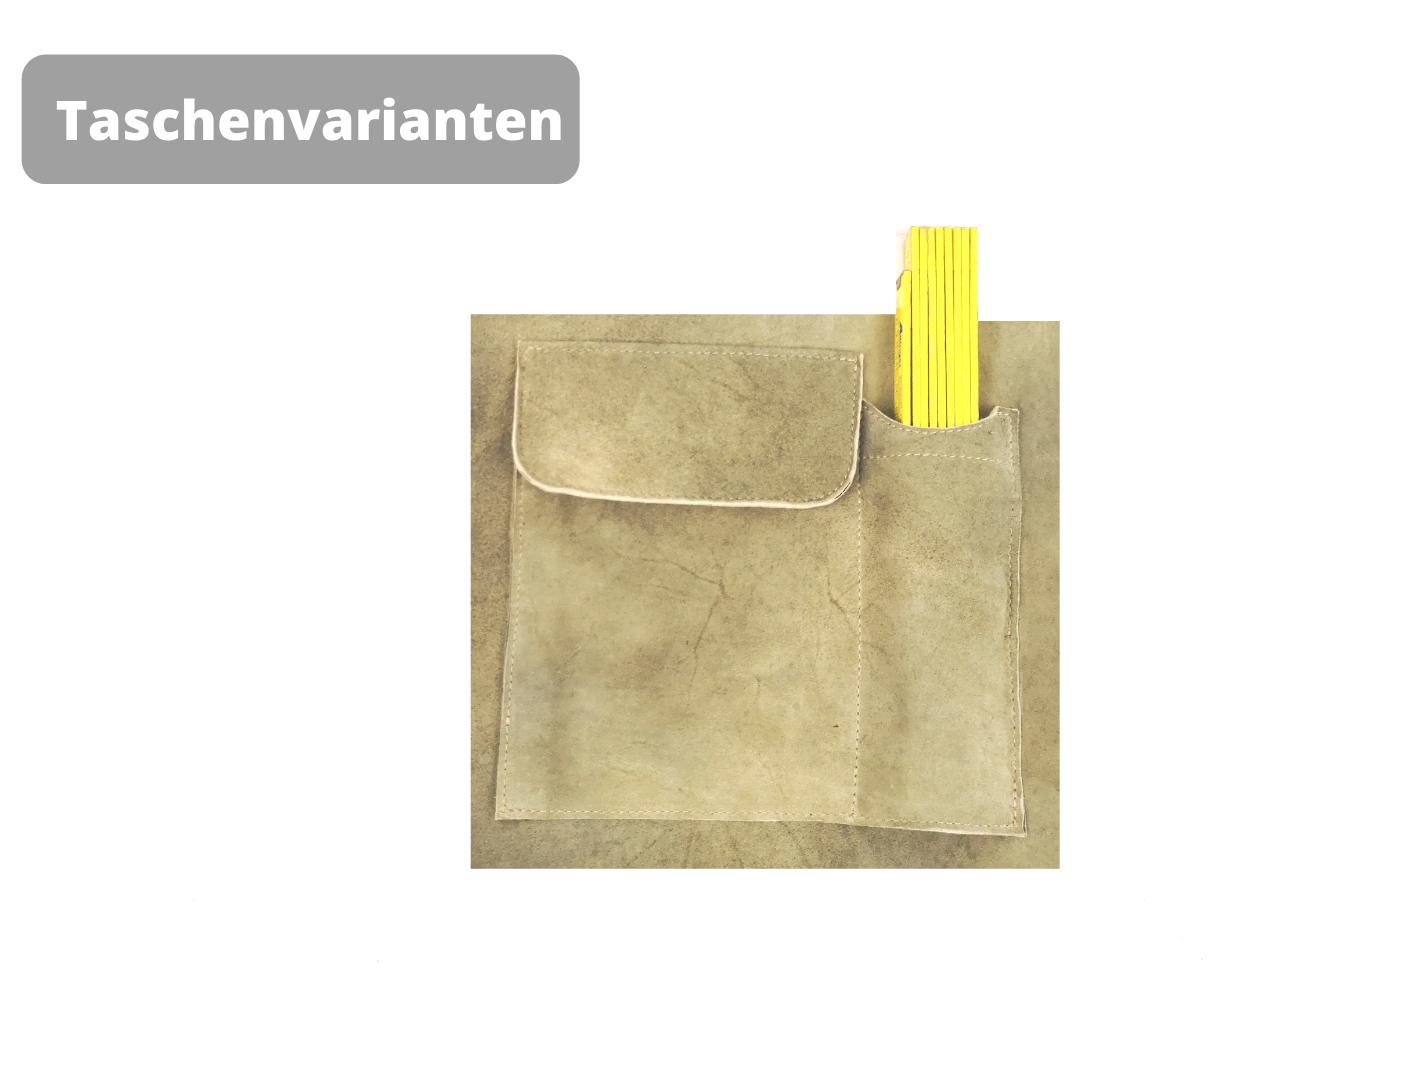 Taschenvariante Lederhose (4)